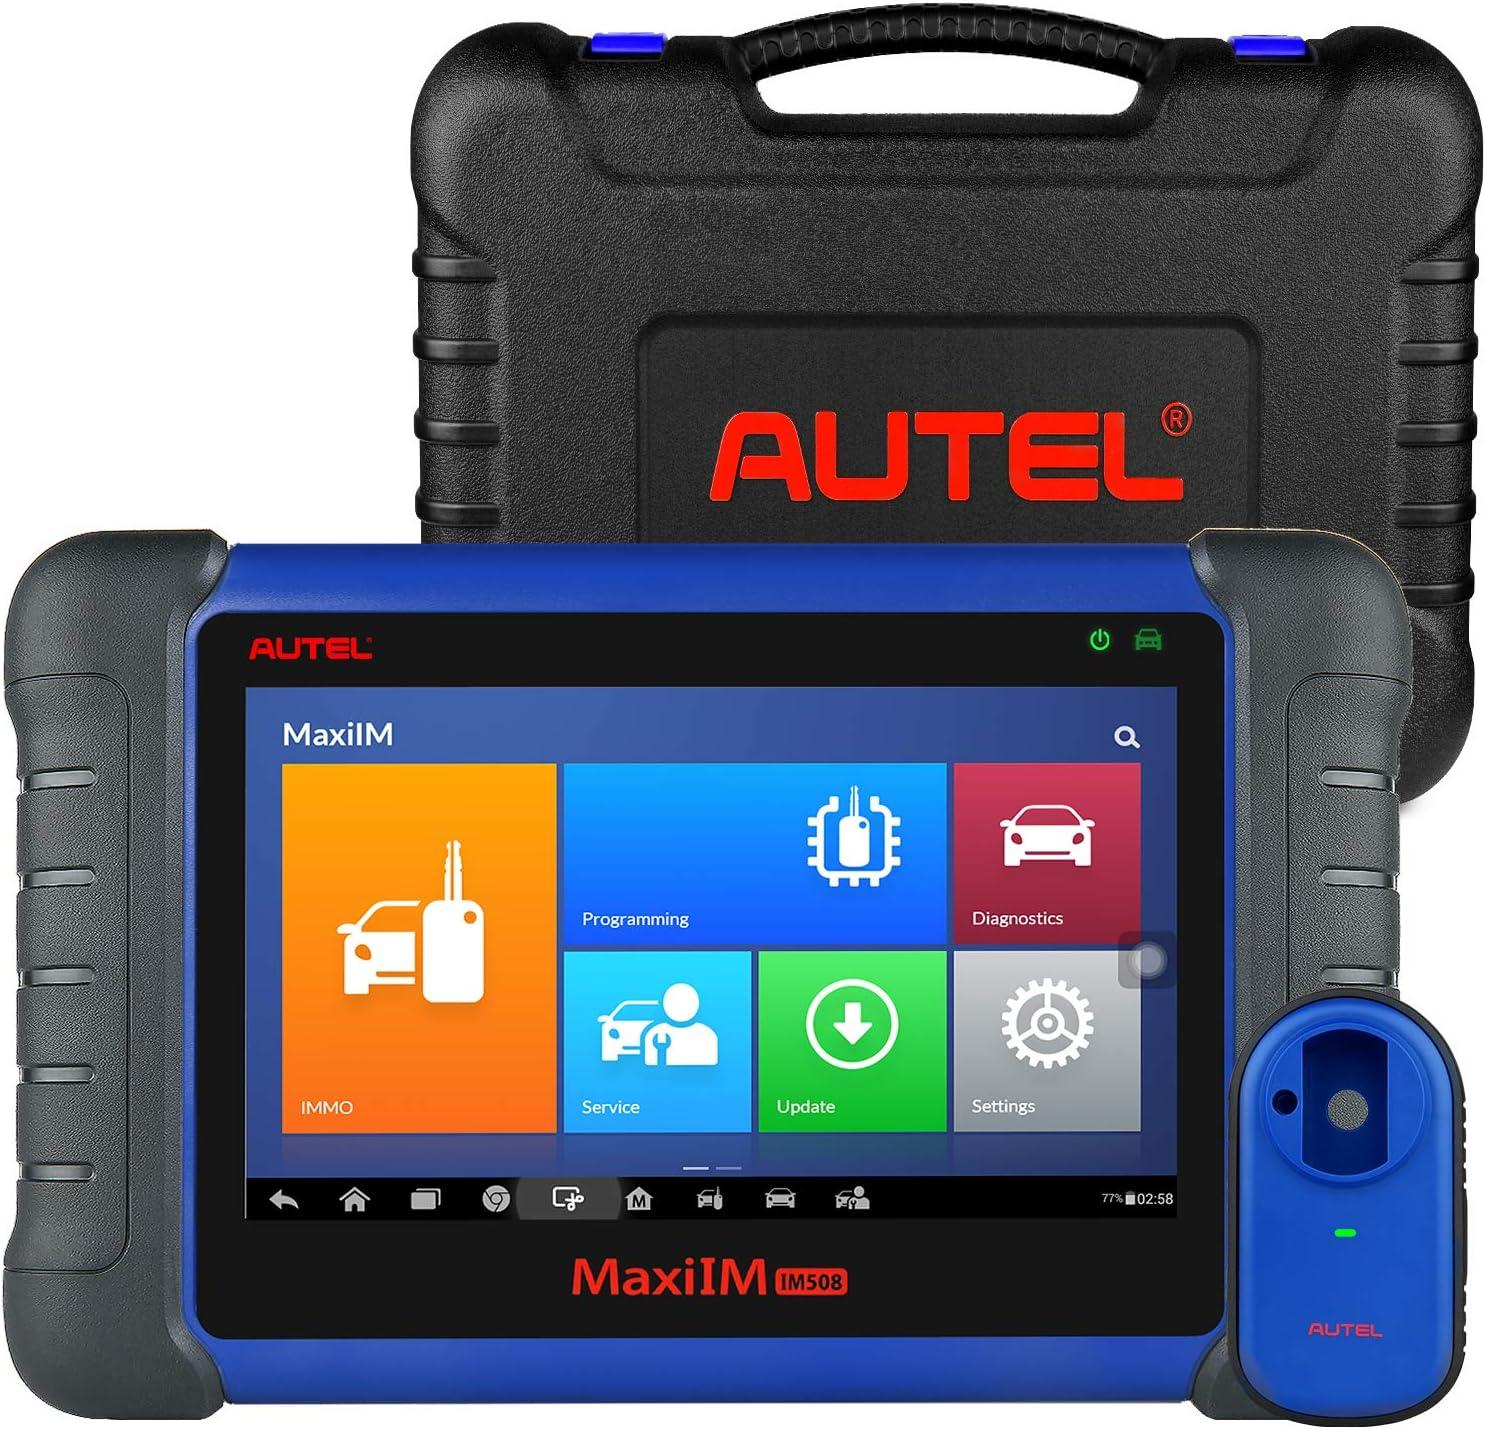 Autel Maxiim Im508 Schlüssel Programmierer Obd2 Diagnosegerät Auto Scanner Mit Xp200 Key Programmer Erweiterter Immo Programmier Obd2 Scanner Öl Reset Sas Epb Dpf Bms Navigation